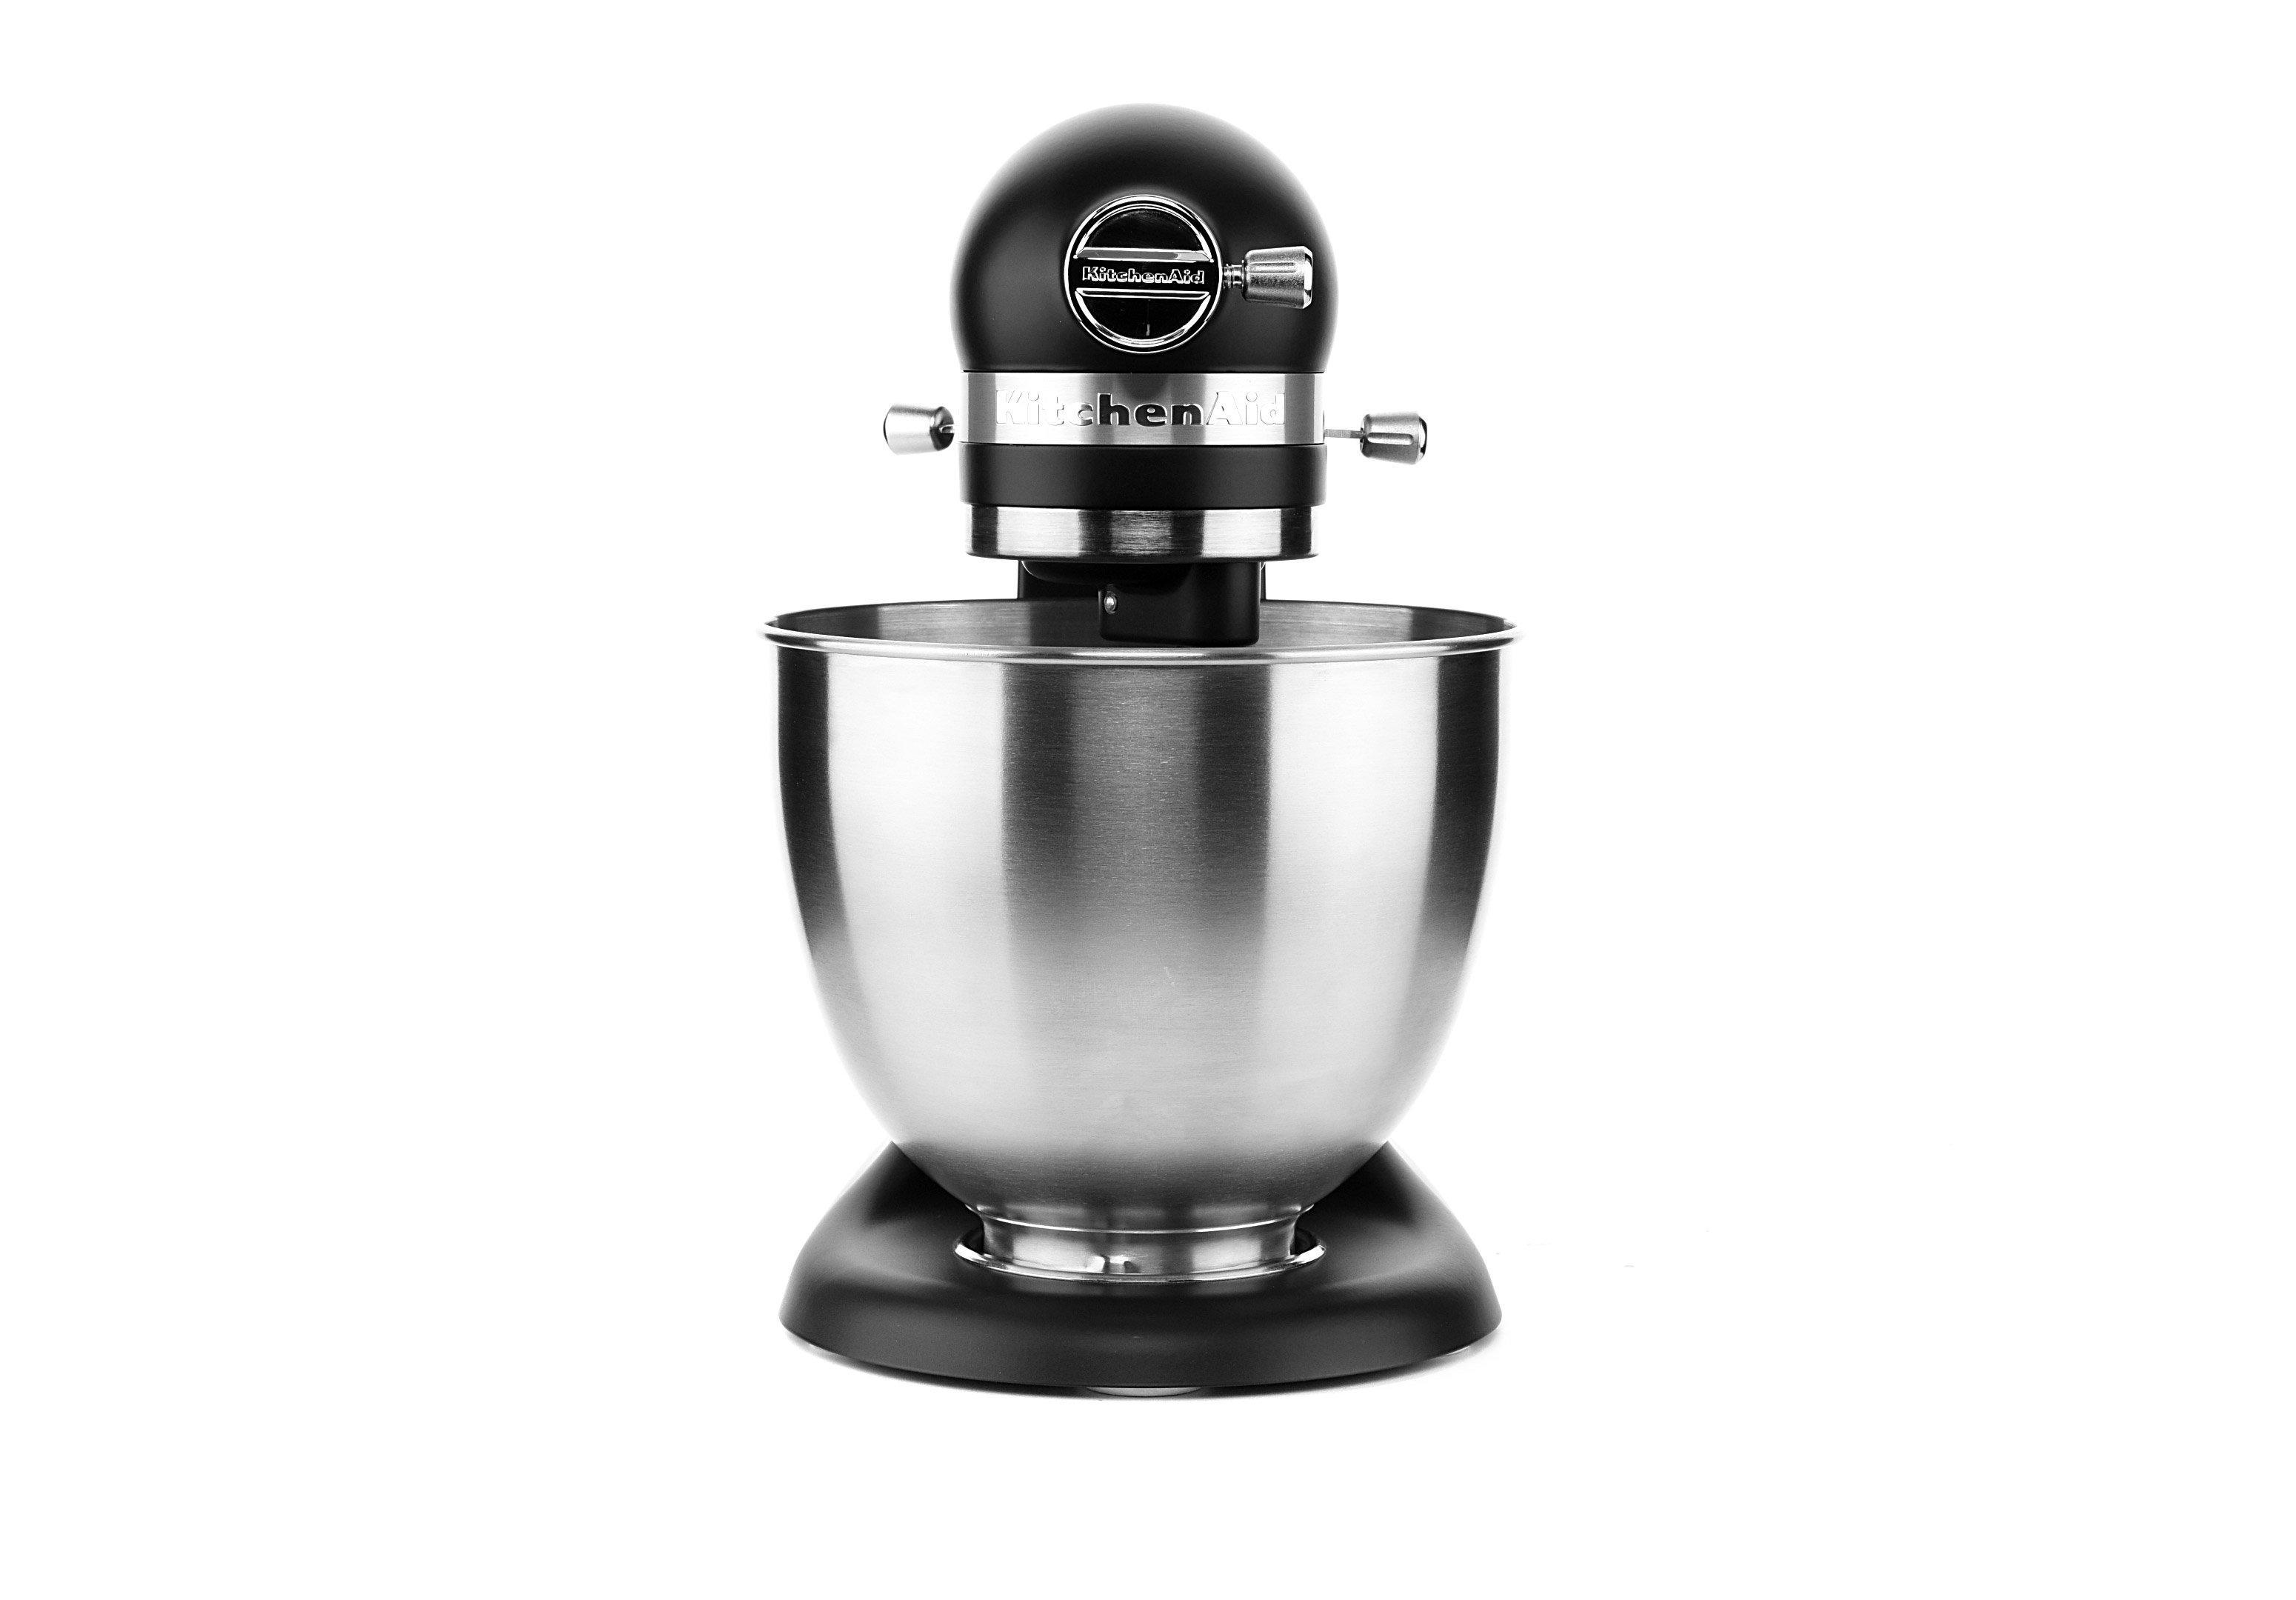 Kitchenaid Standmixer Mini 3 3l Black Extra Saudi